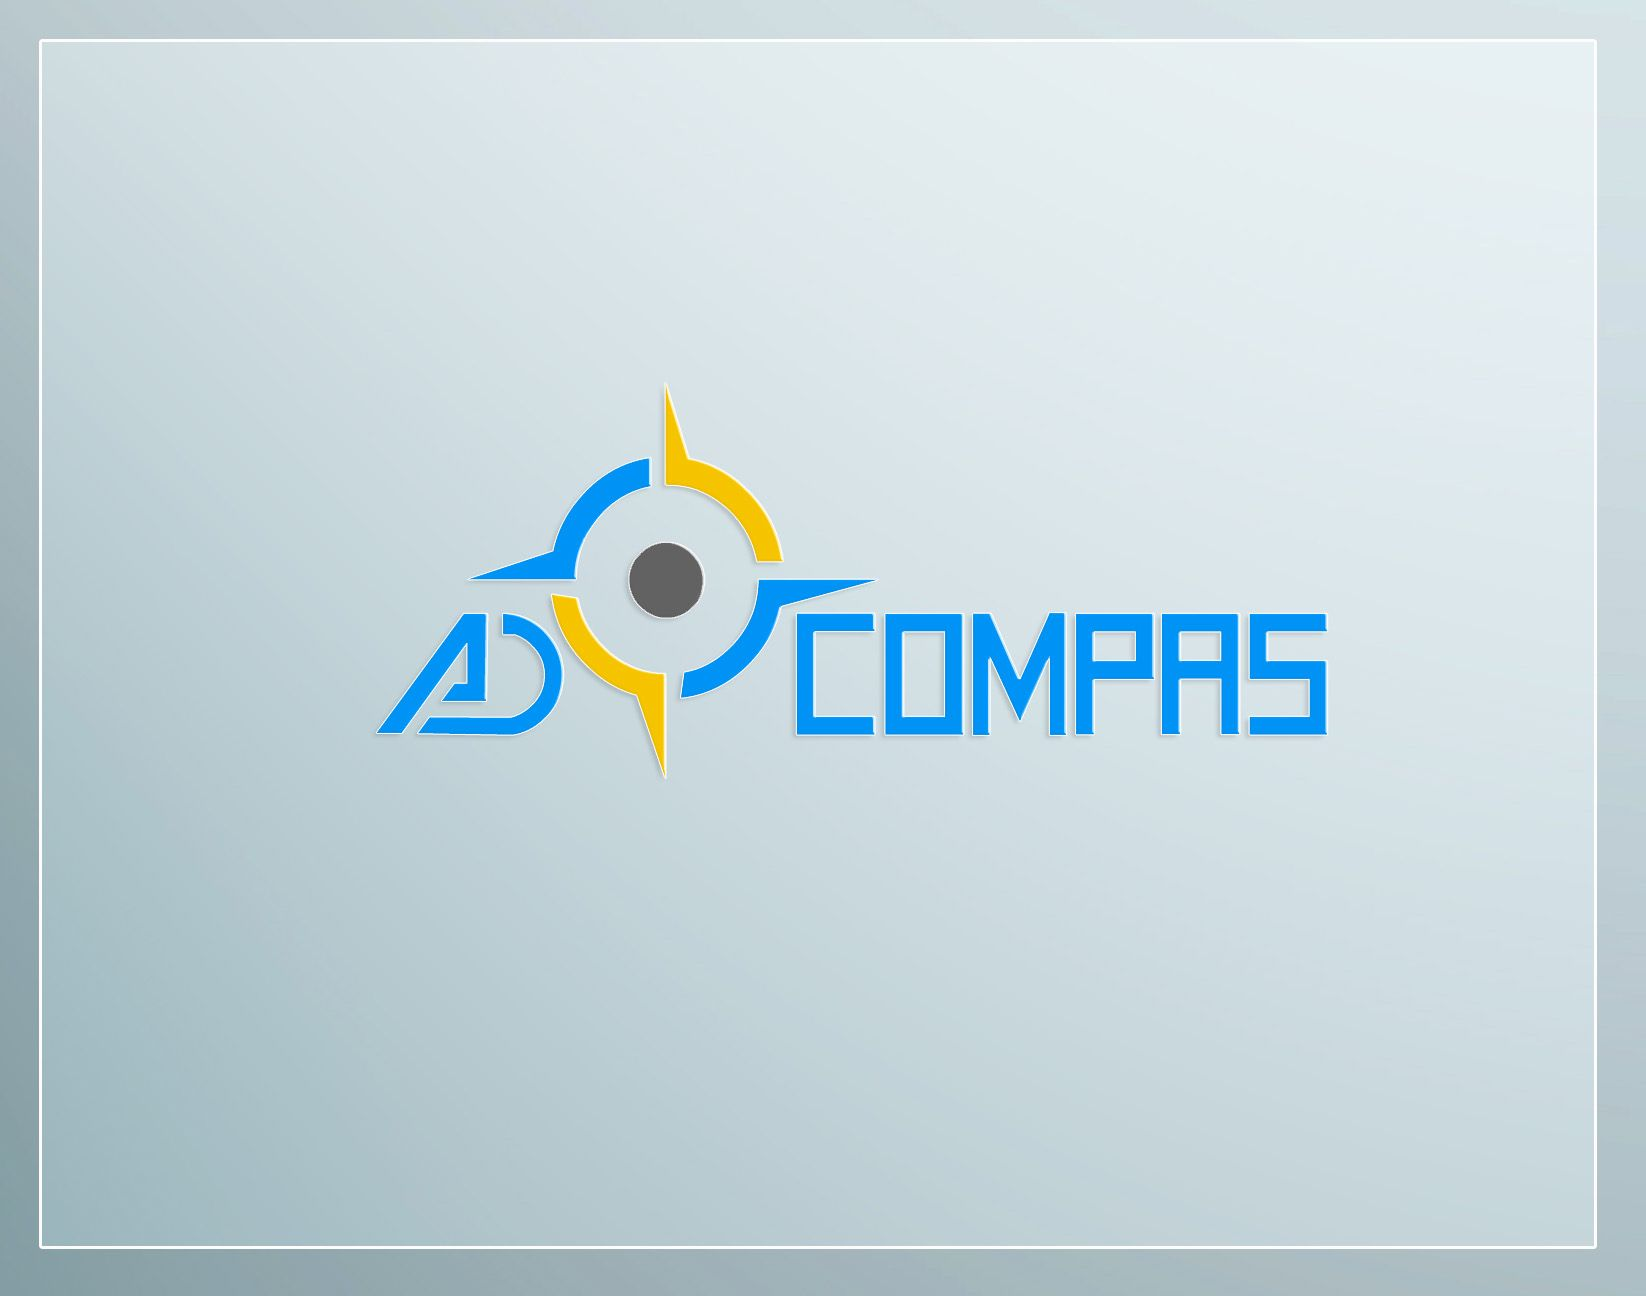 Нужен логотип для сайта рекламной компании СPA  - дизайнер Keroberas